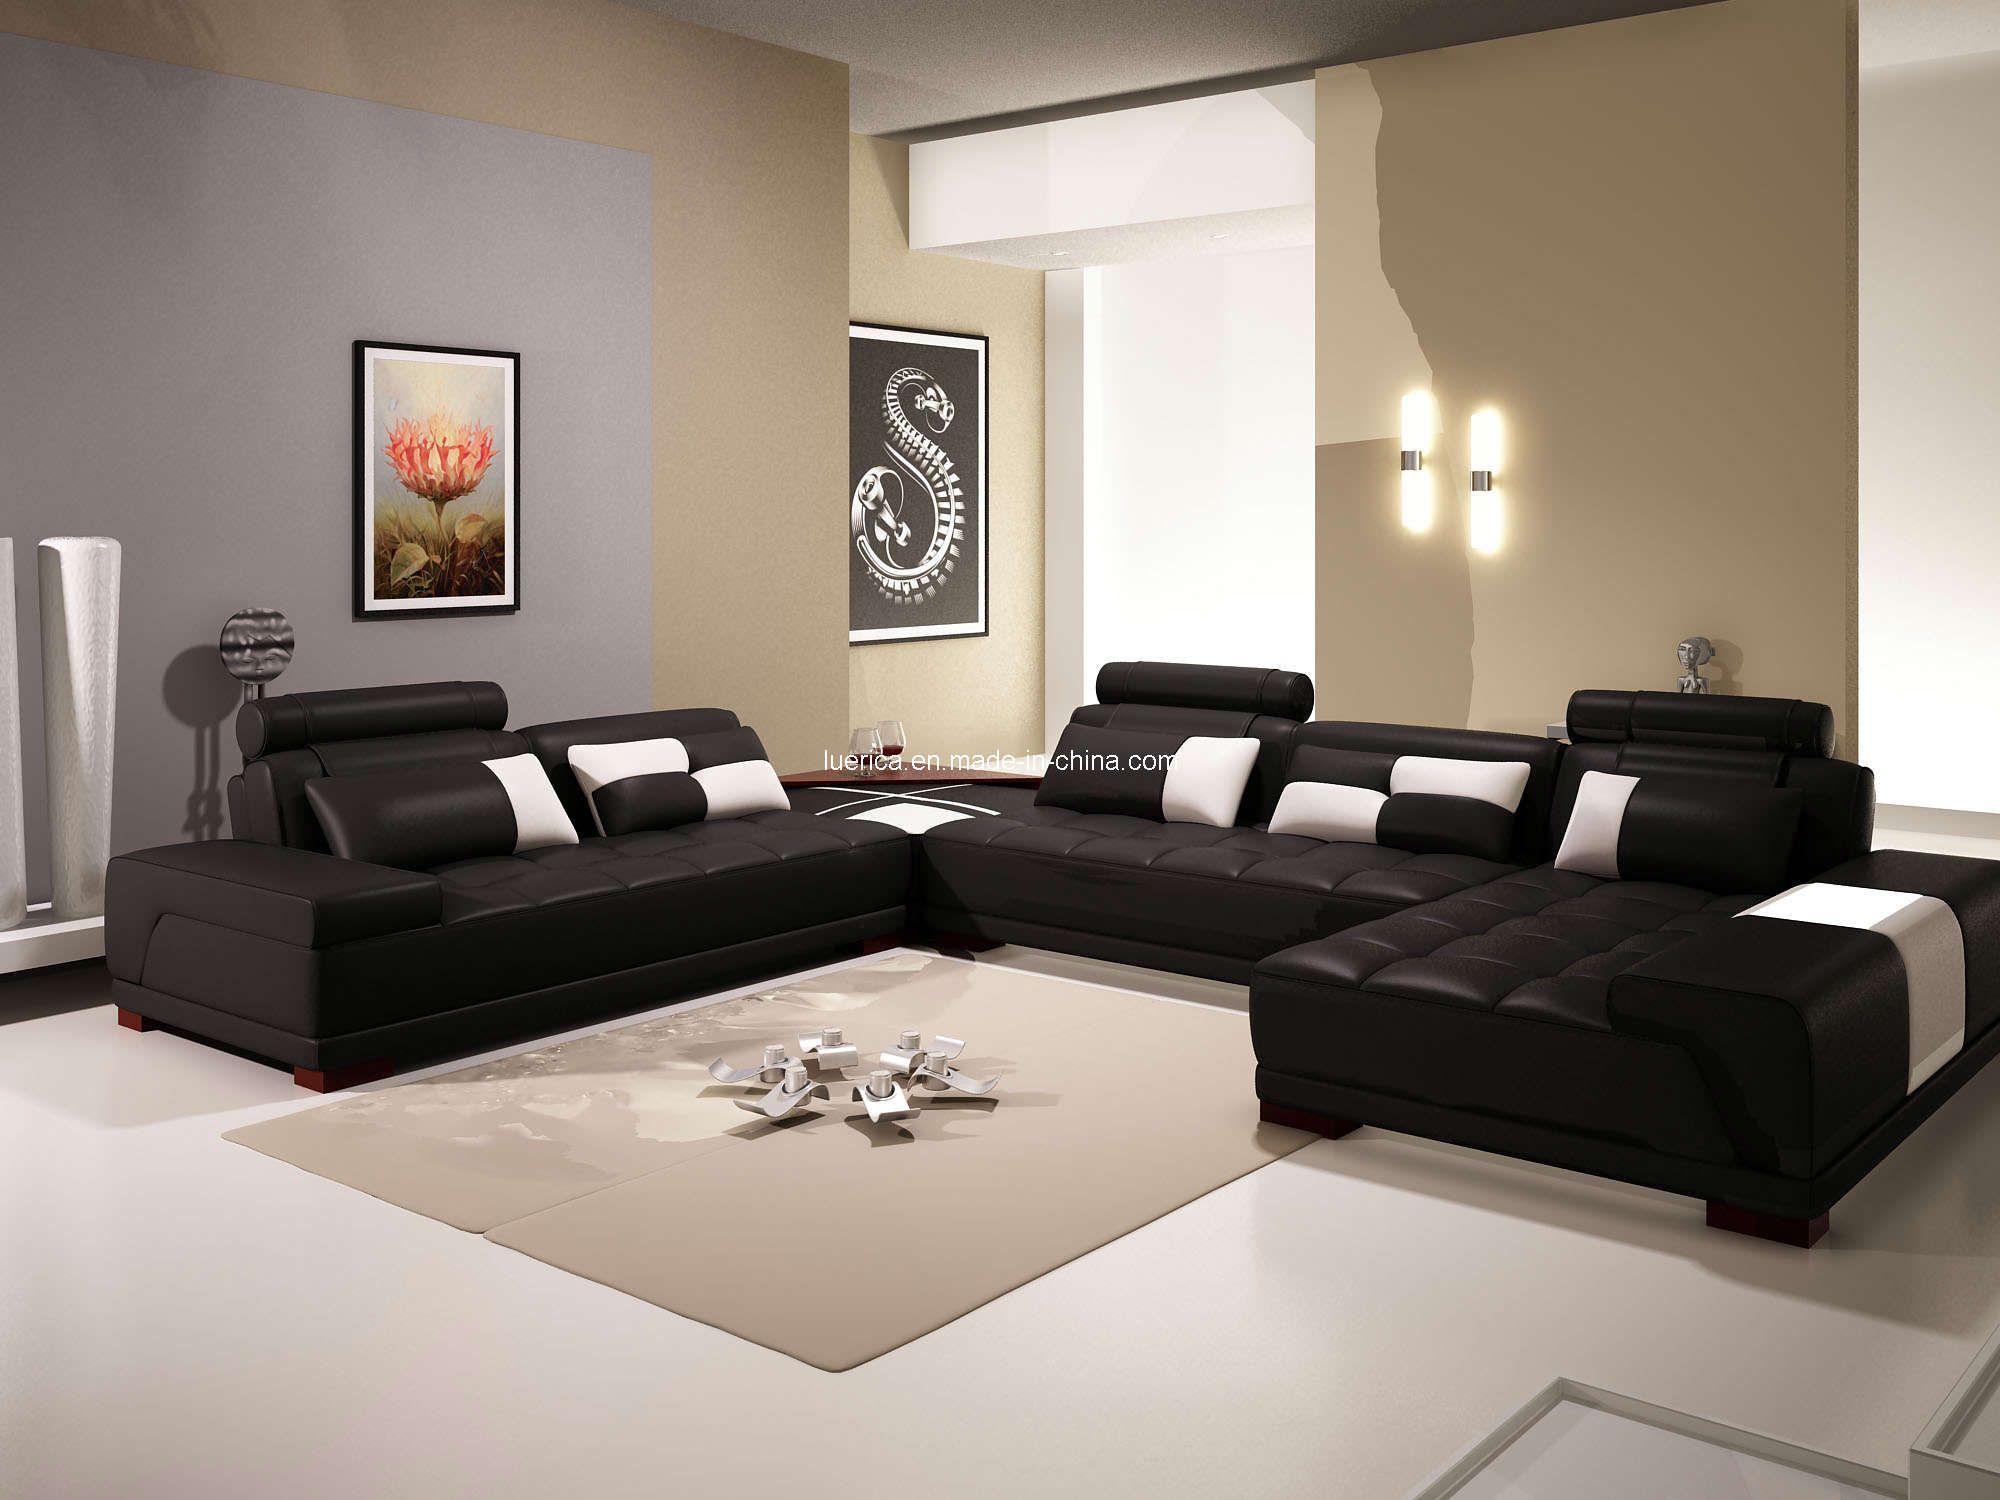 Rosso Koltuk Takımı koltuk takımı modelleri yıldız mobilya